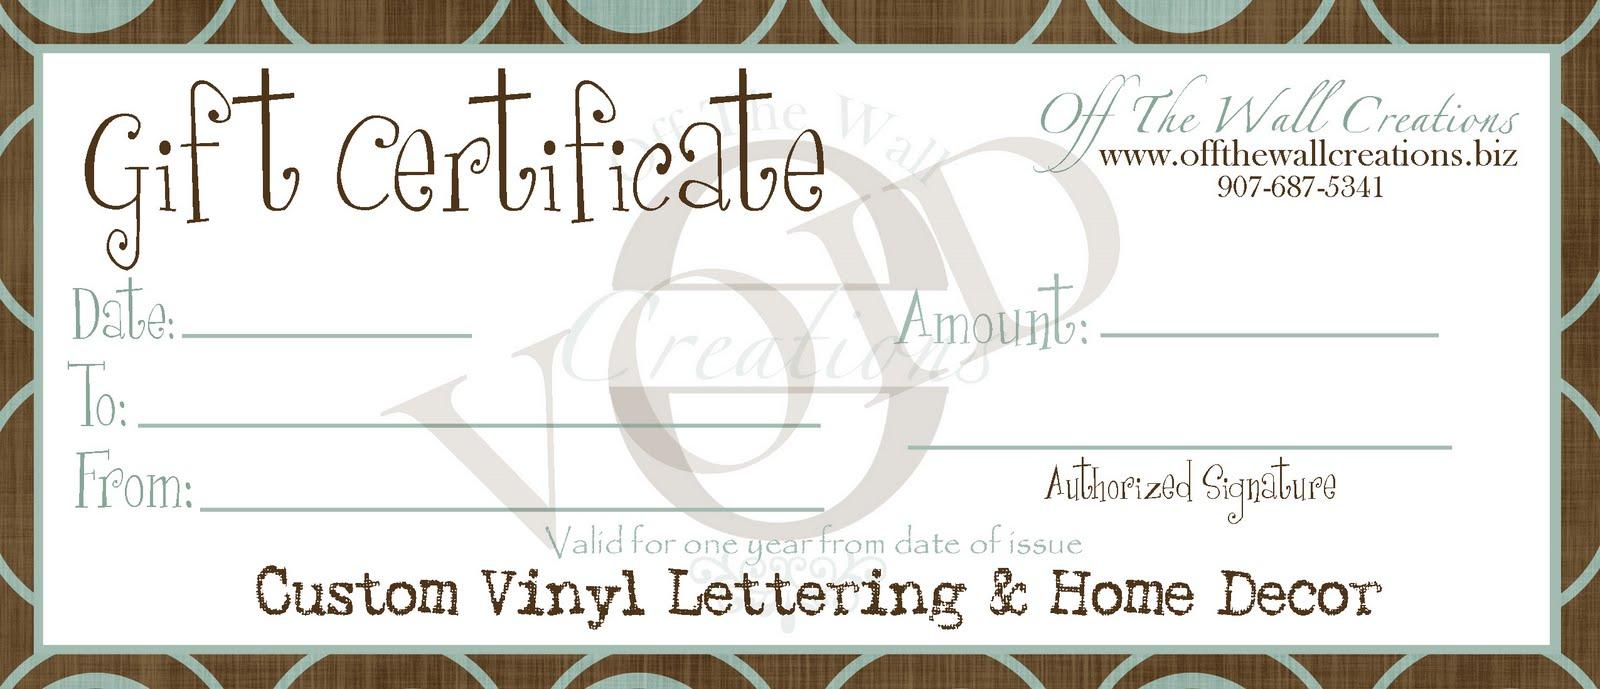 generic gift certificate printable